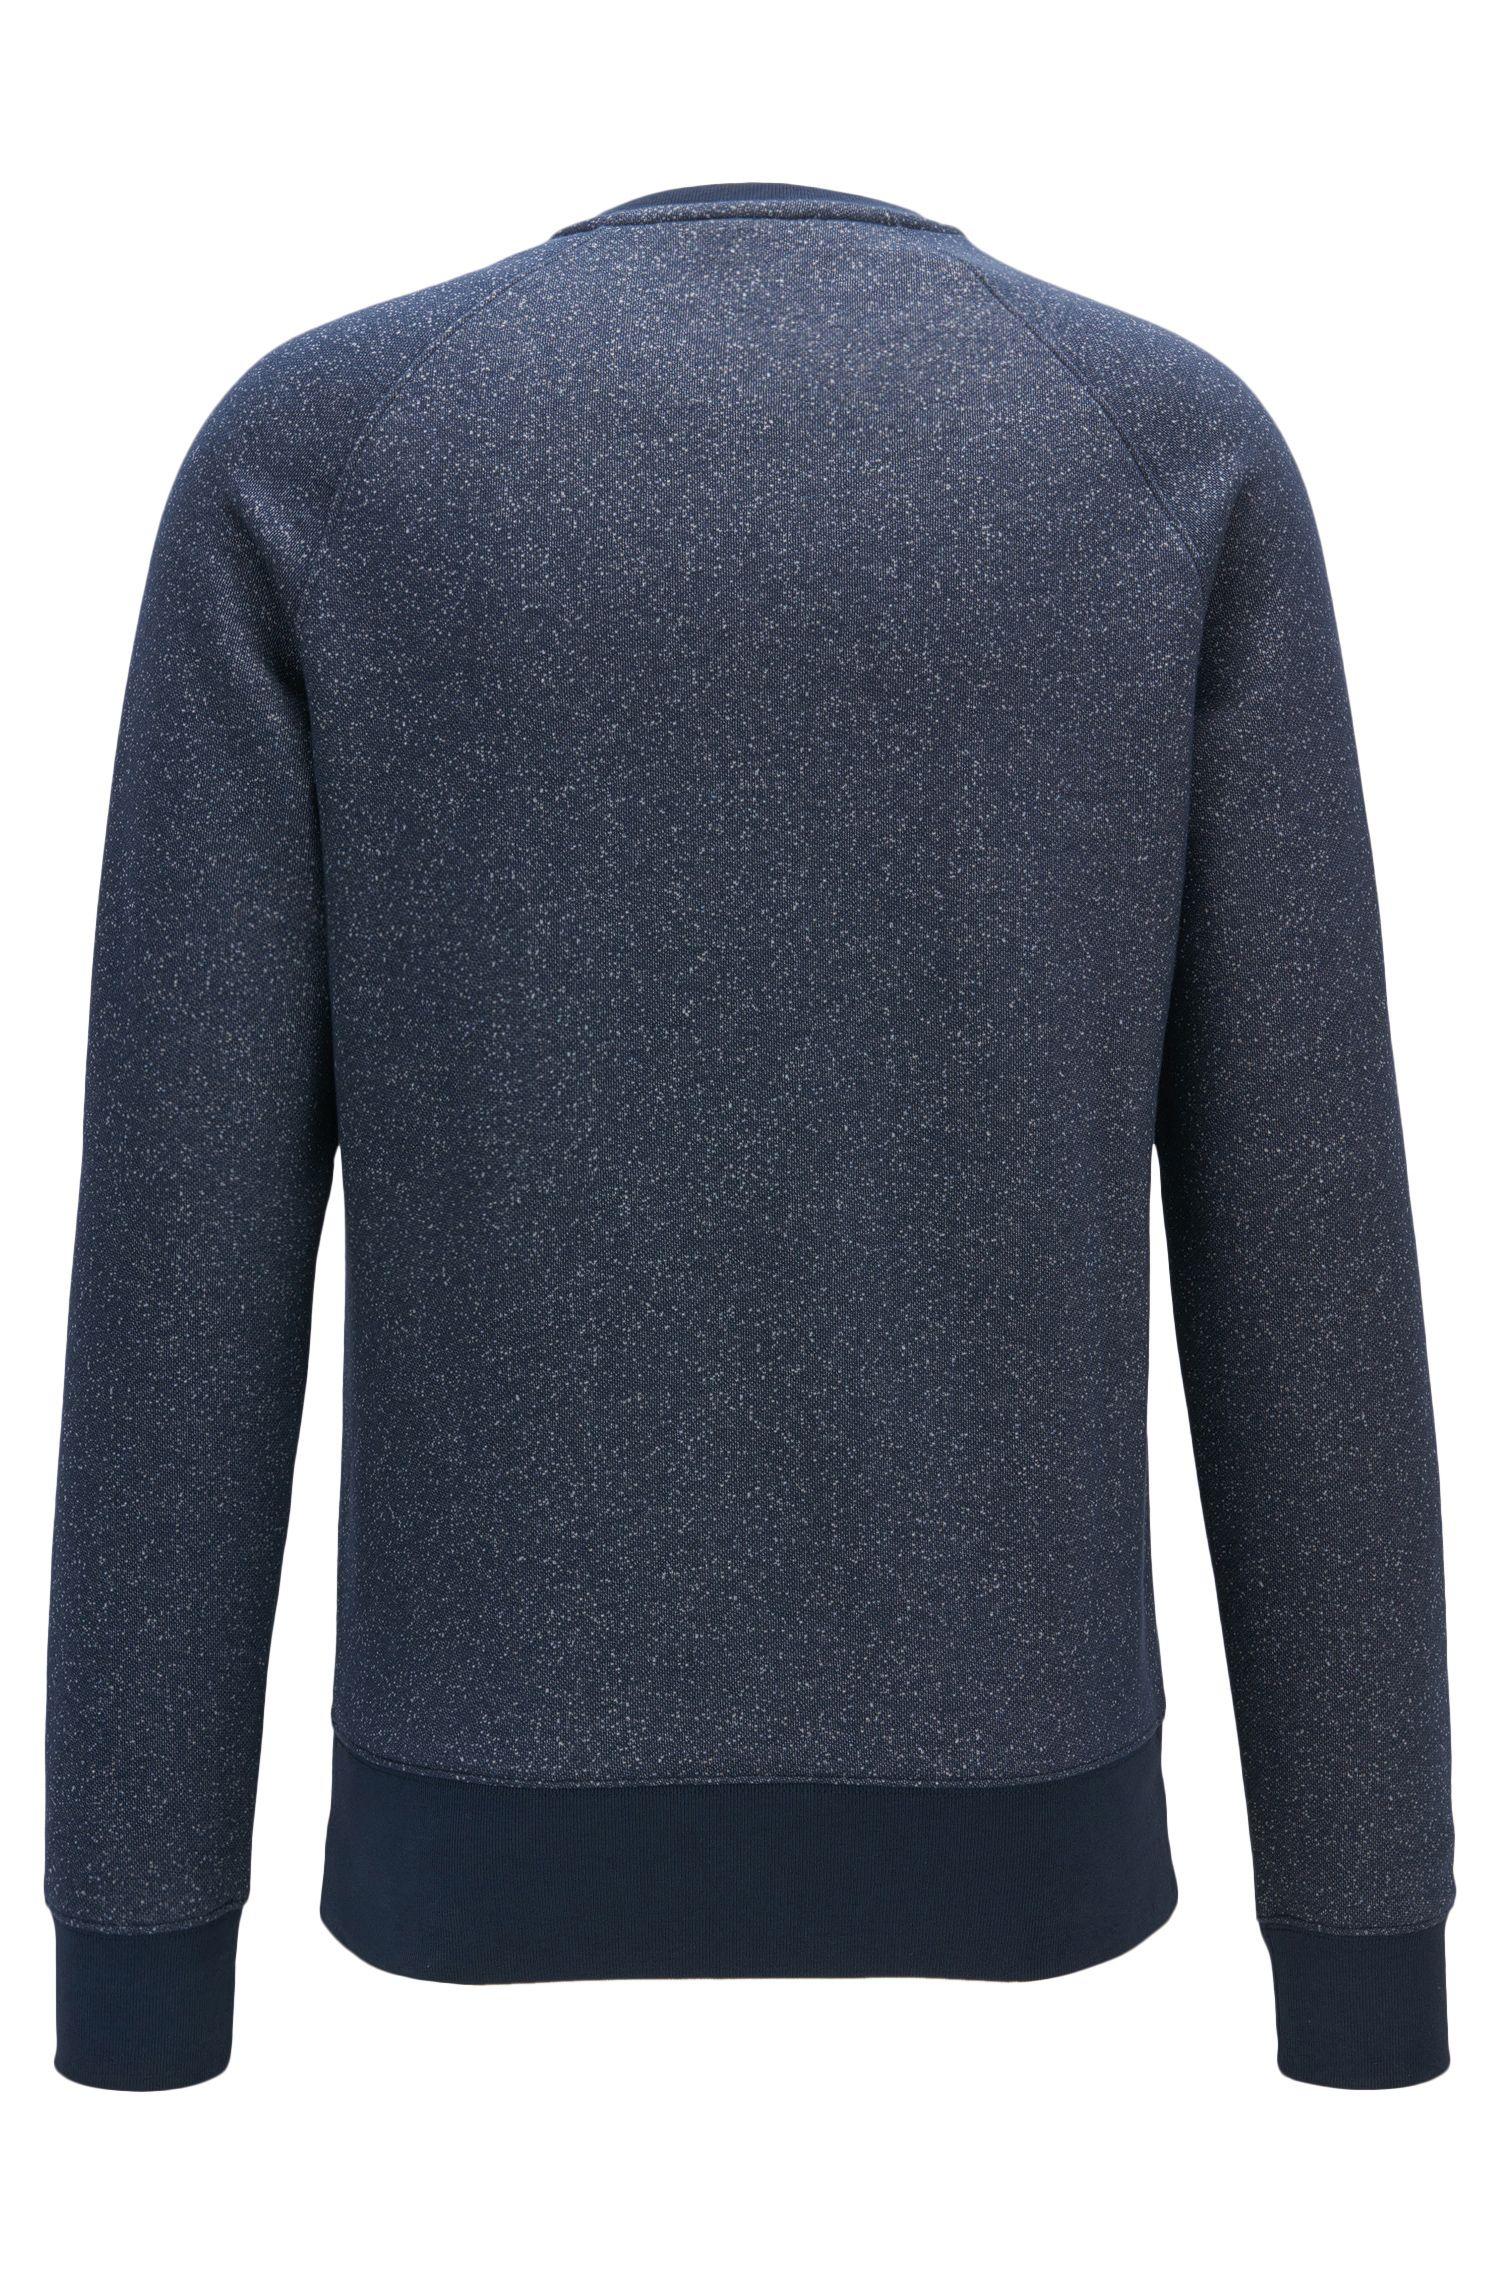 Mouliné sweatshirt van een zachte katoenmix